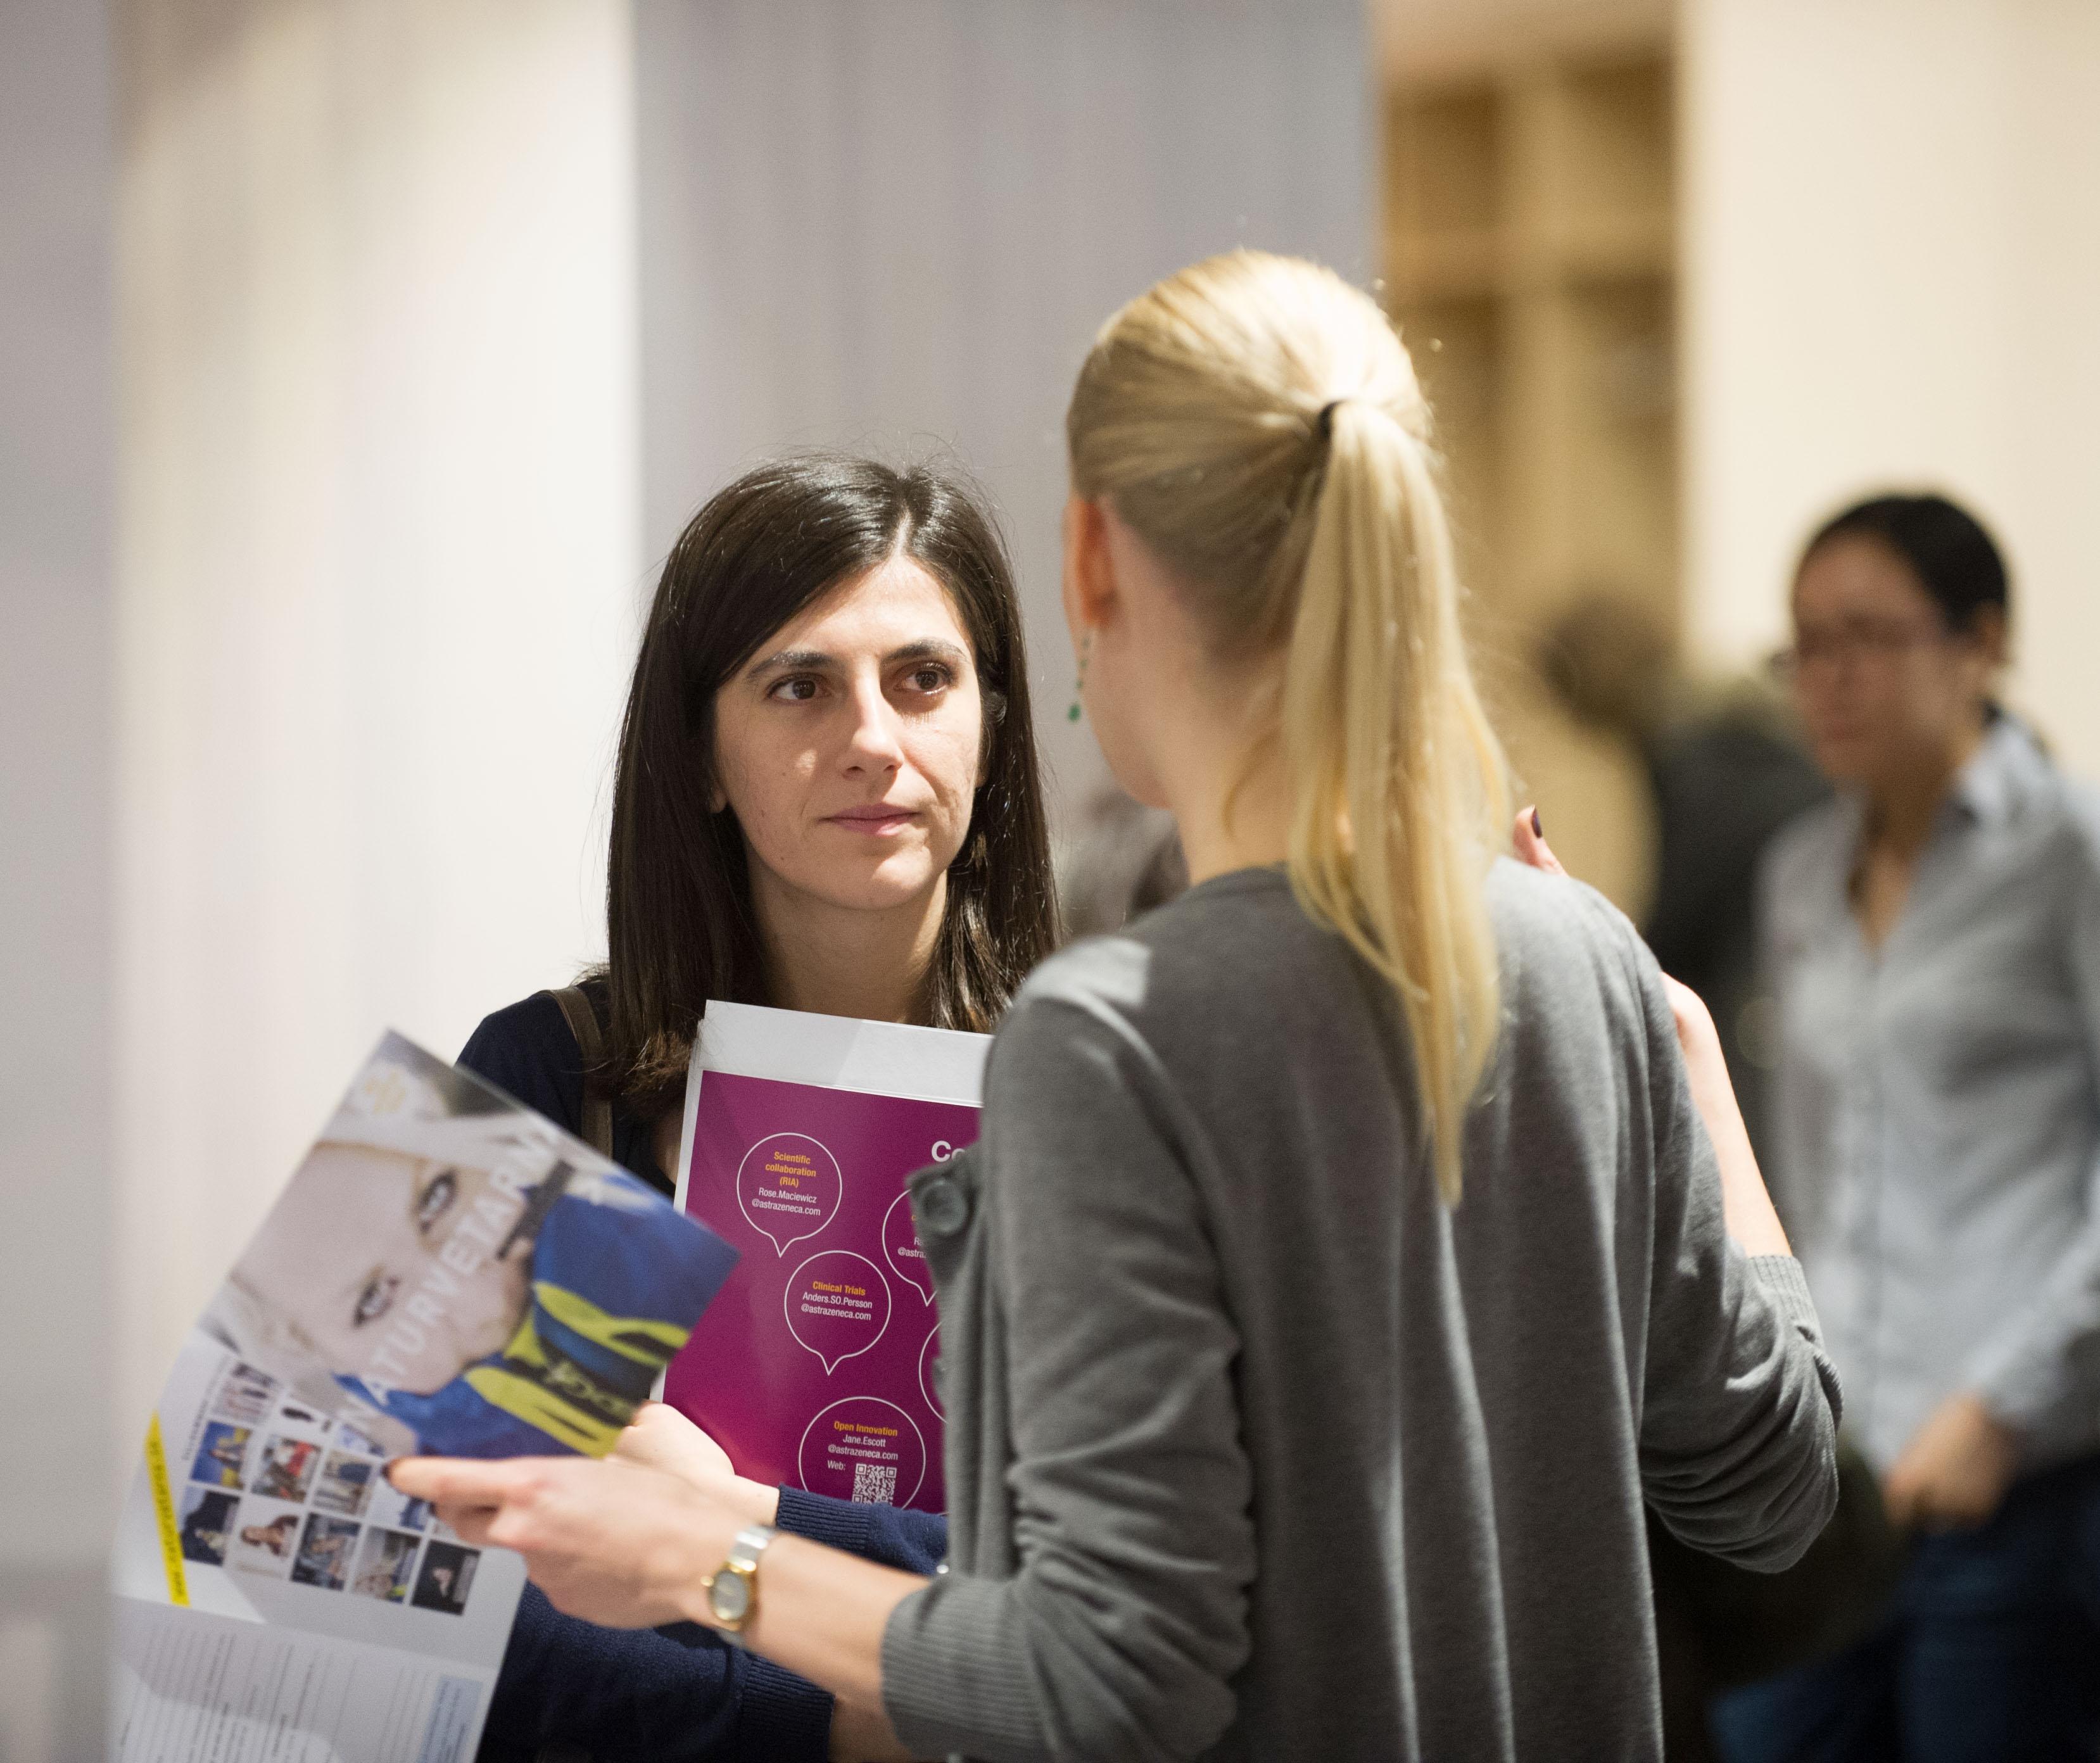 Working for a non-profit organization@Medicinska Föreningen